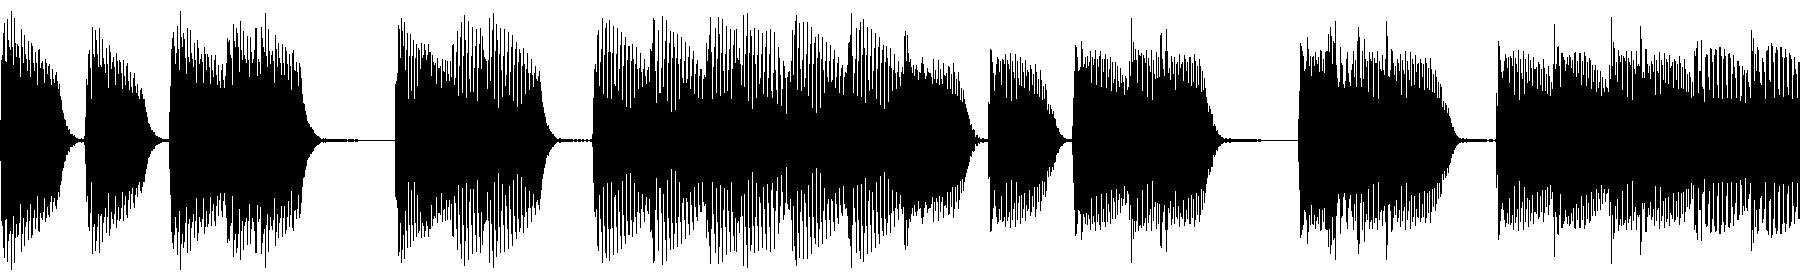 vedh melodyloop 007 cm b f gm 124bpm